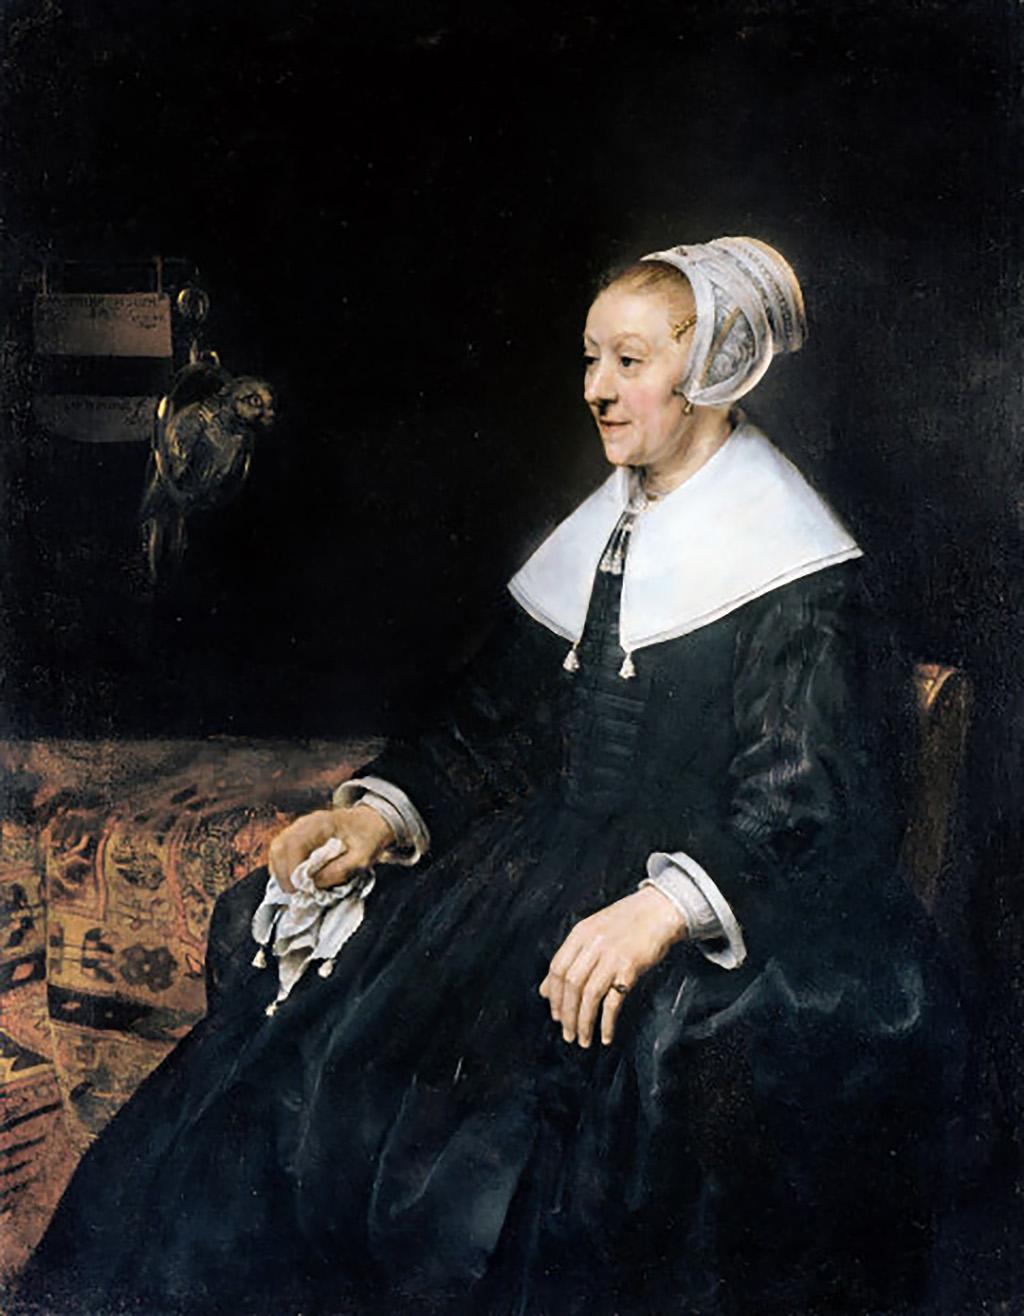 Рембрандт «Портрет Катрины Хогсат» © частная коллекция, Национальный музей Кардиффа, Великобритания